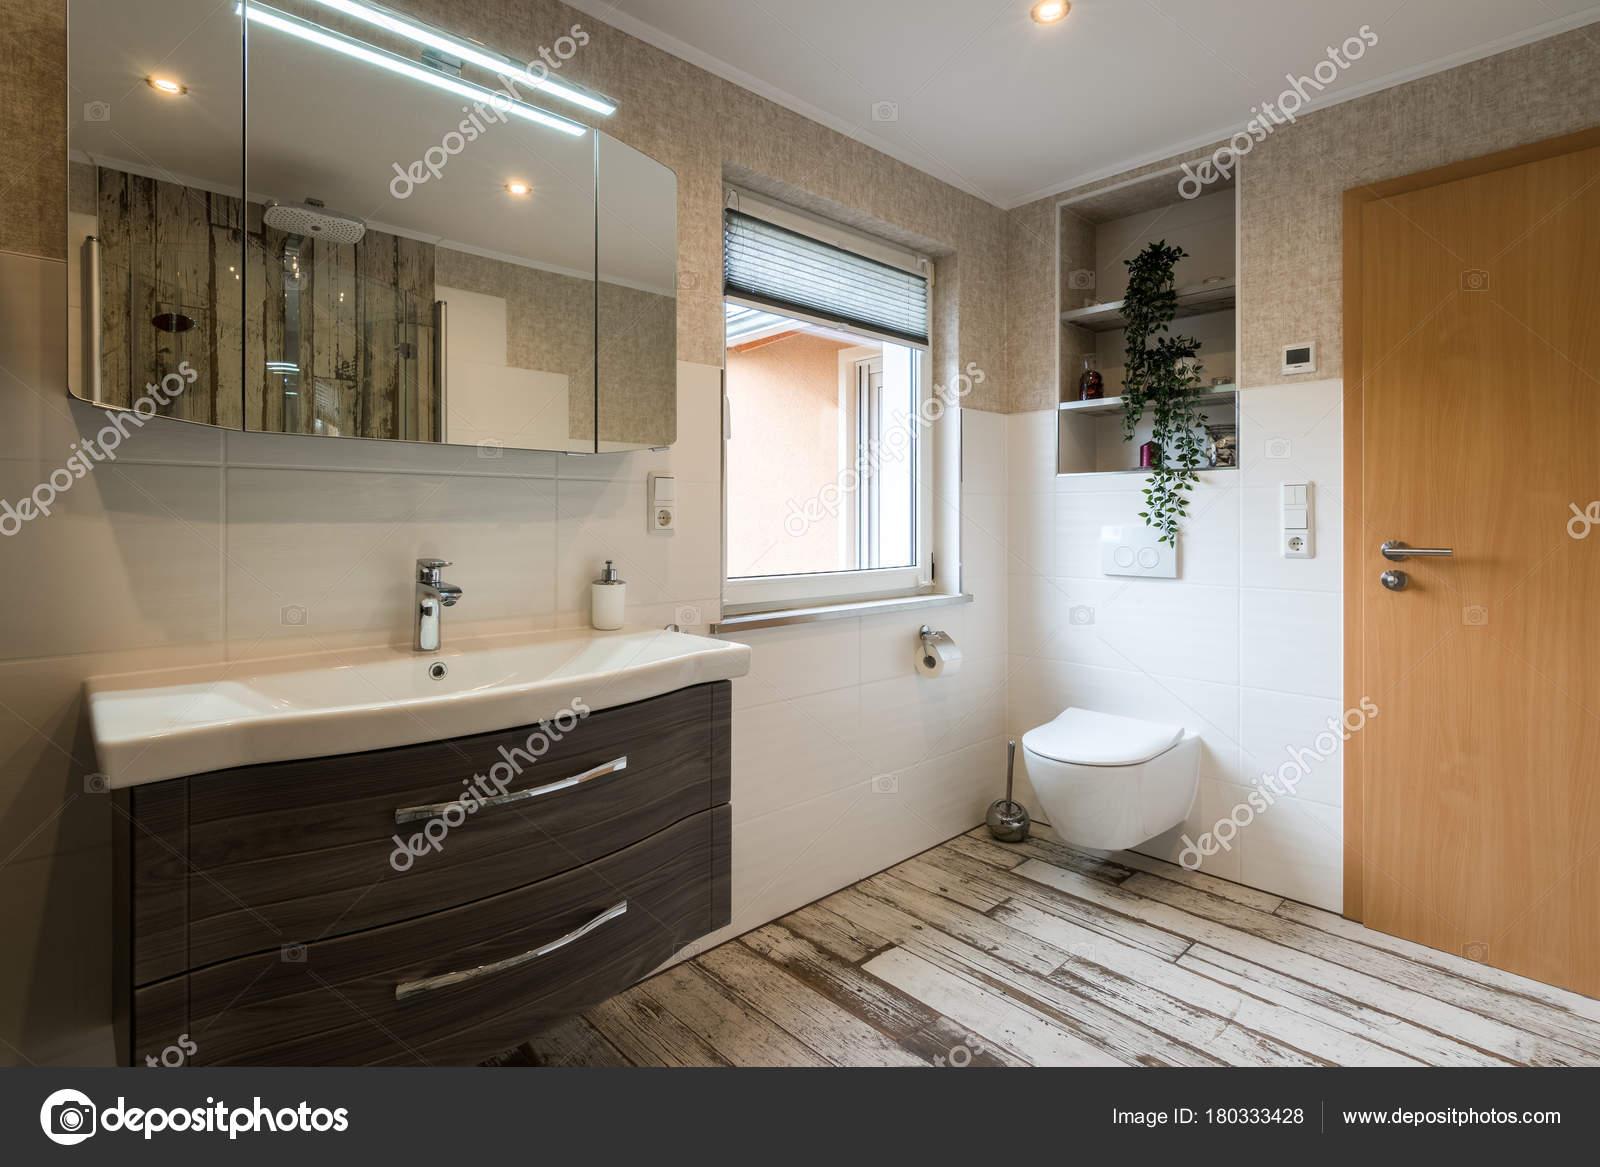 Bagno moderno in stile vintage con colpo orizzontale servizi